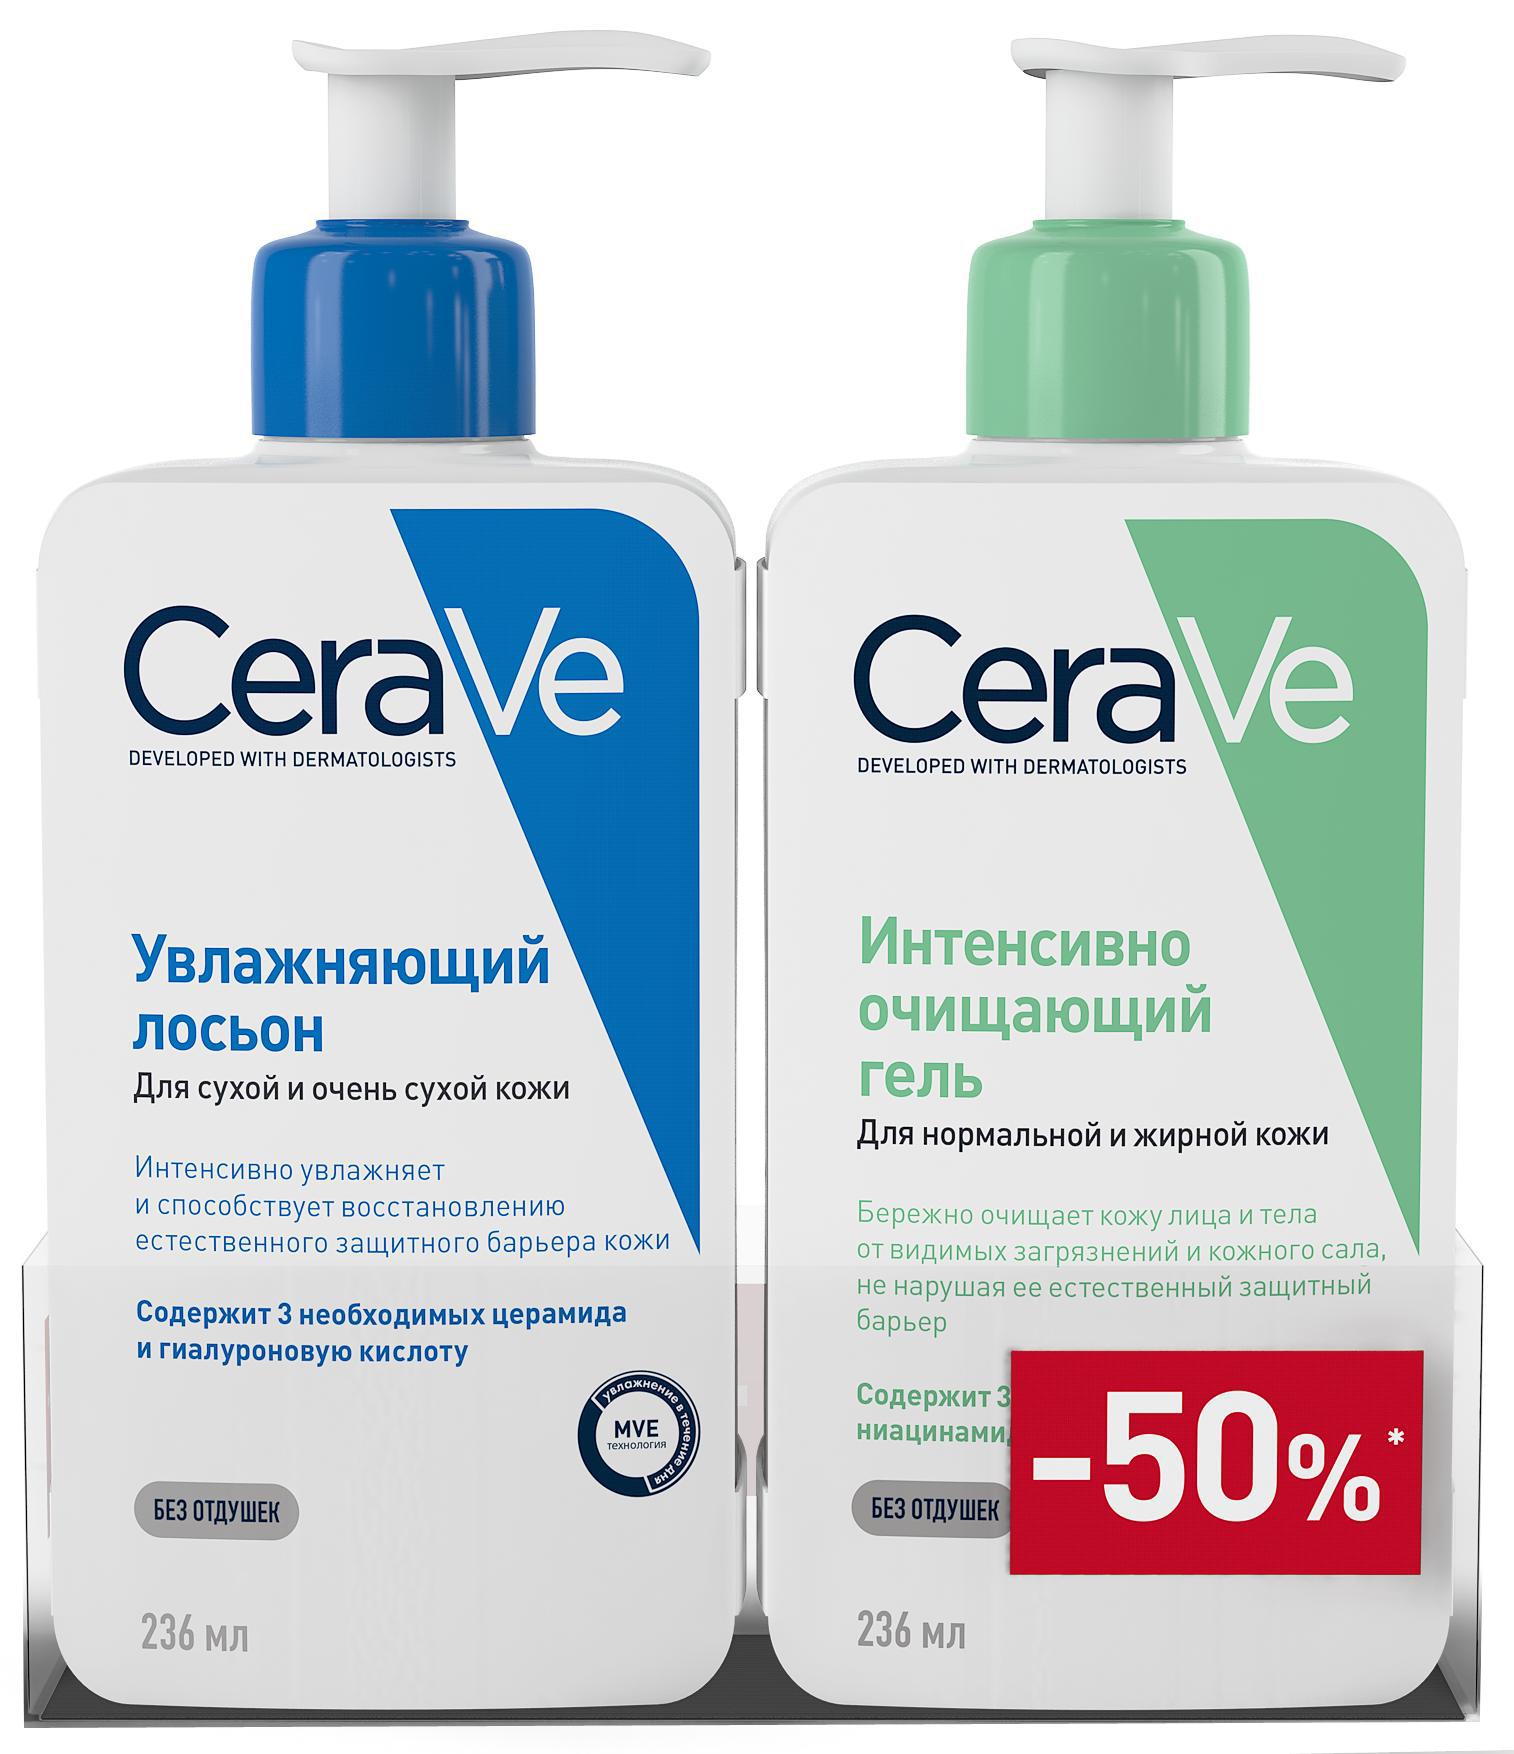 Набор увлажняющий лосьон для сухой кожи 236мл + интенсивно очищающий гель для нормальной и жирной кожи 236мл (Цераве)